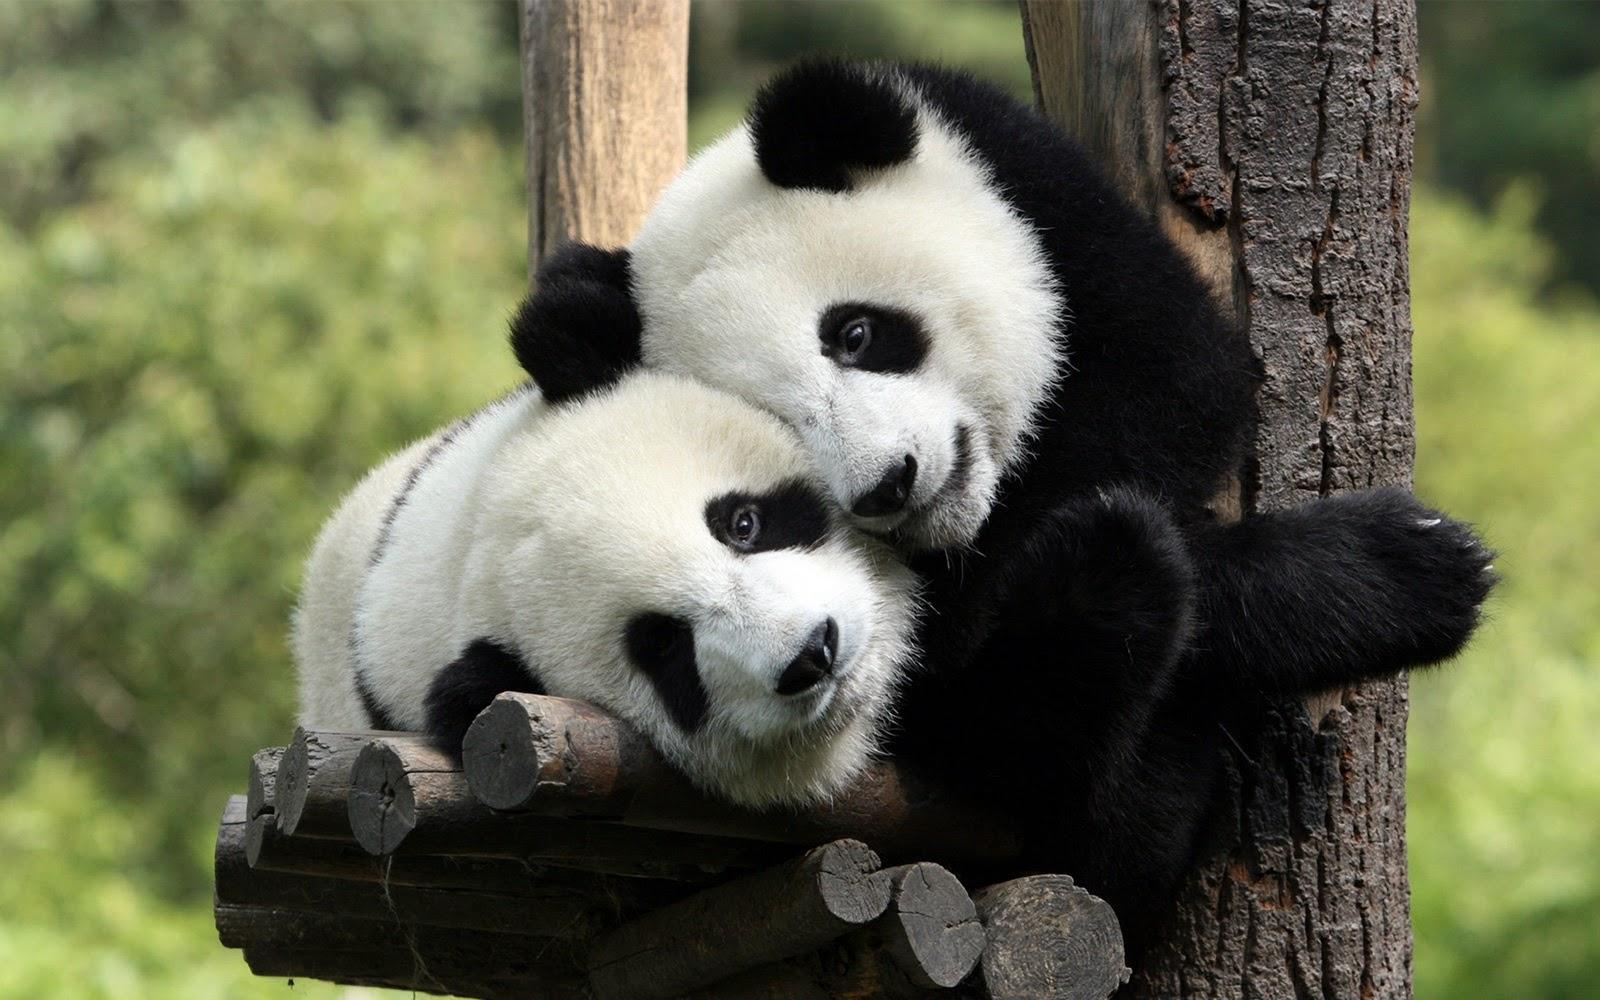 http://2.bp.blogspot.com/-Jd5eg3bxv88/Tuyh8deIaSI/AAAAAAAAC4U/m3yGxTd_tB4/s1600/panda%2Bpictures%2B%252528491%252529.jpg